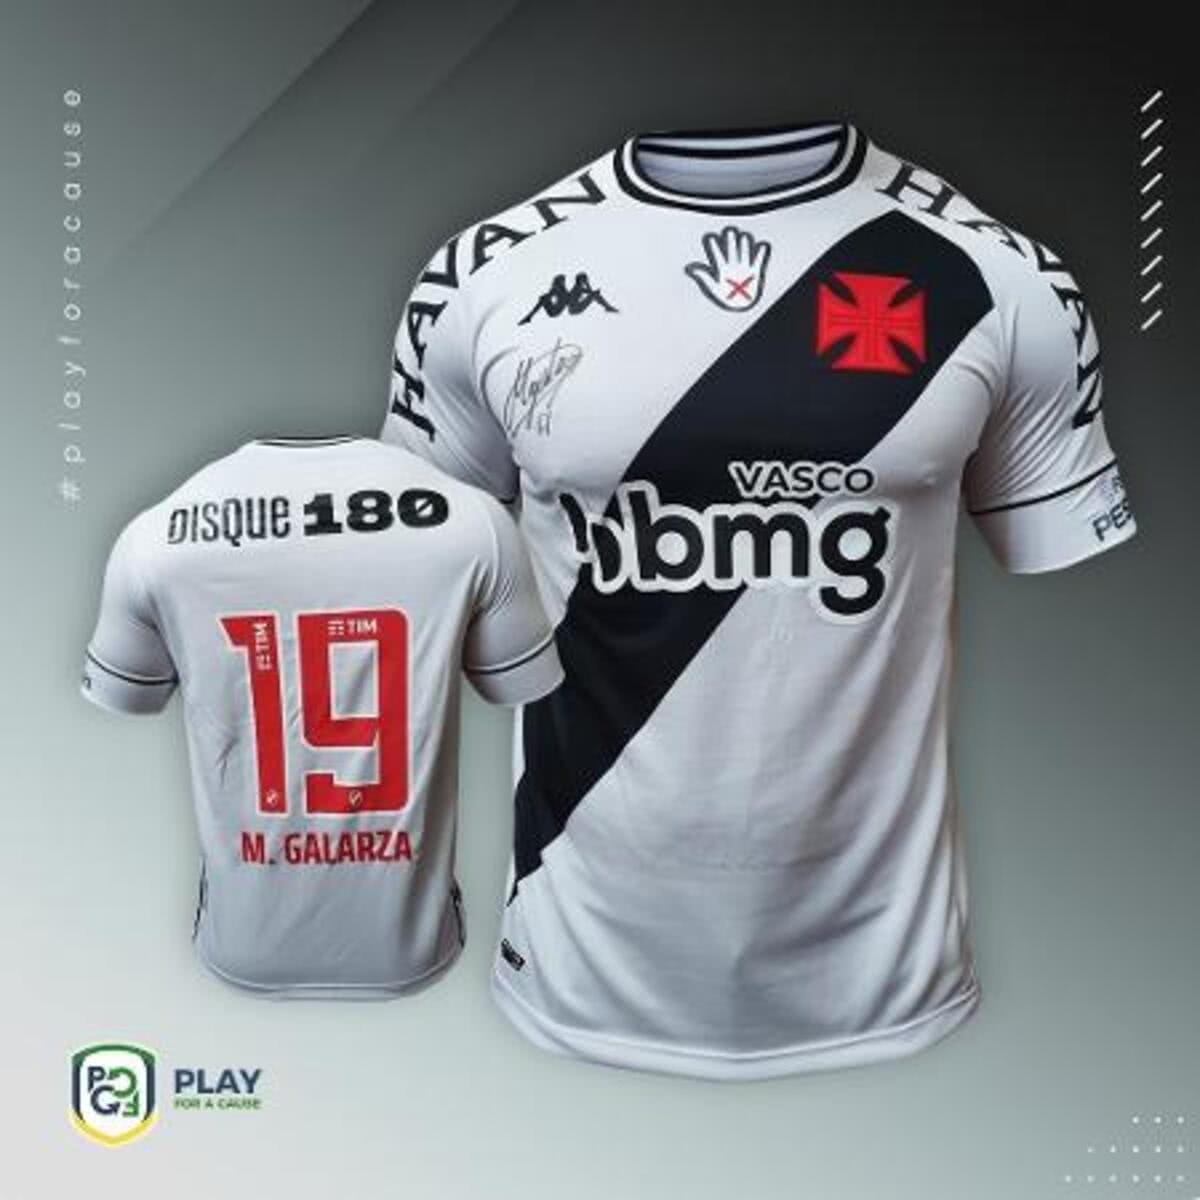 Camisa do Vasco com símbolo da campanha